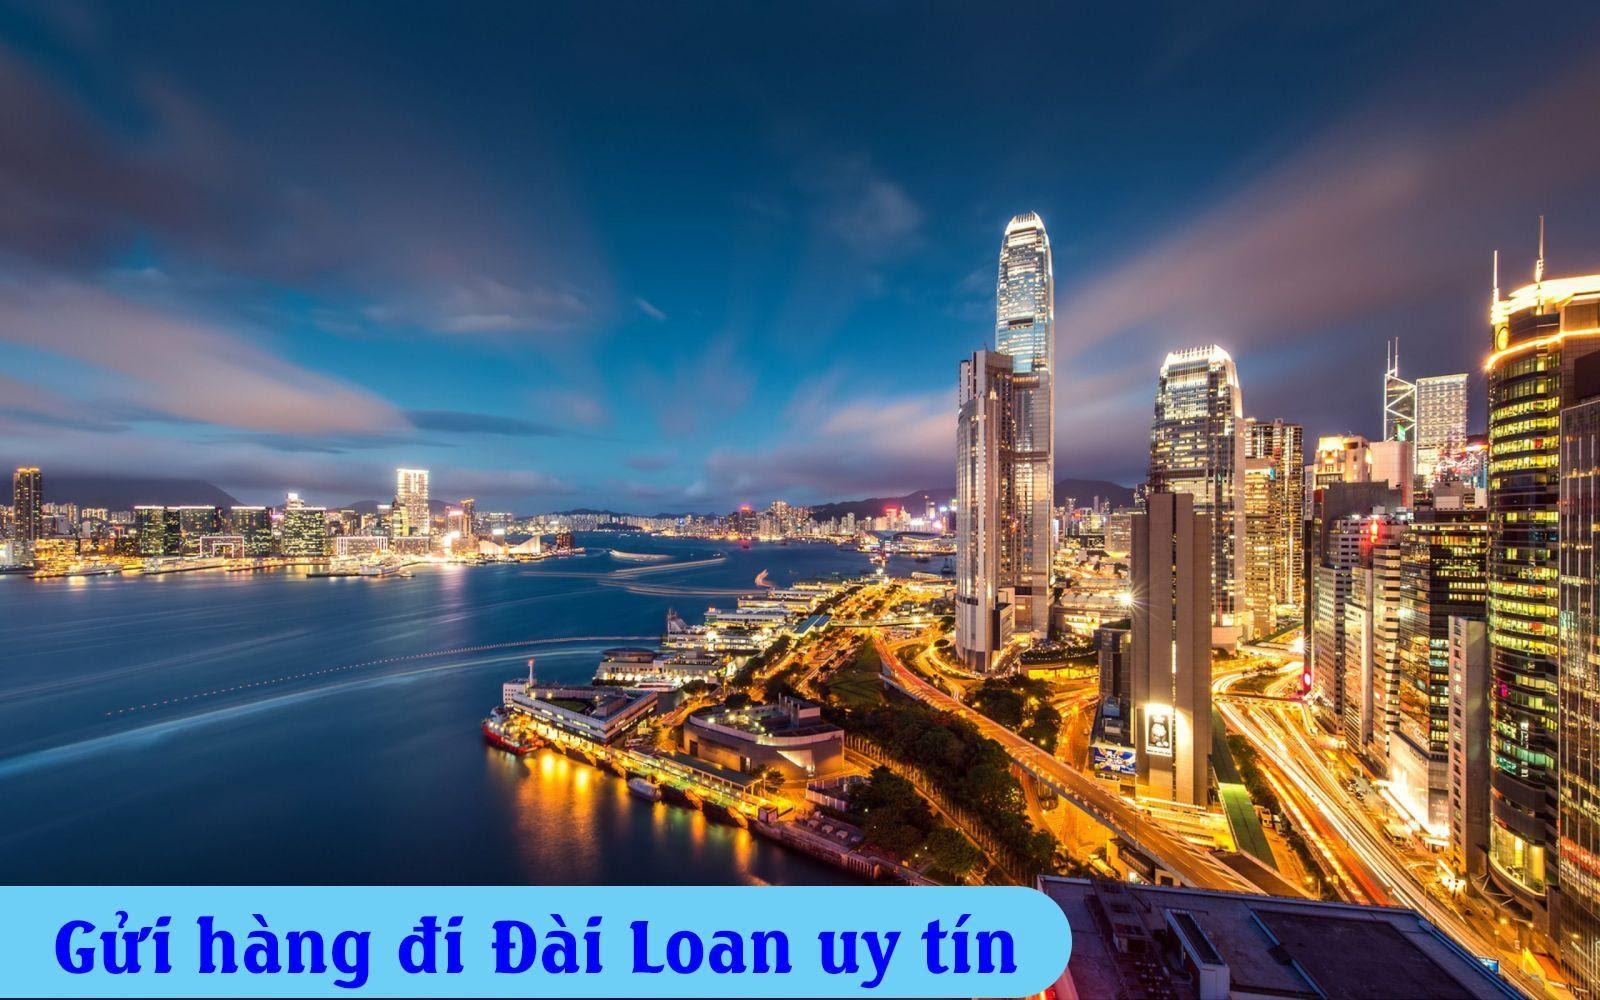 Tiết lộ địa chỉ gửi hàng đi Đài Loan tốt nhất hiện nay